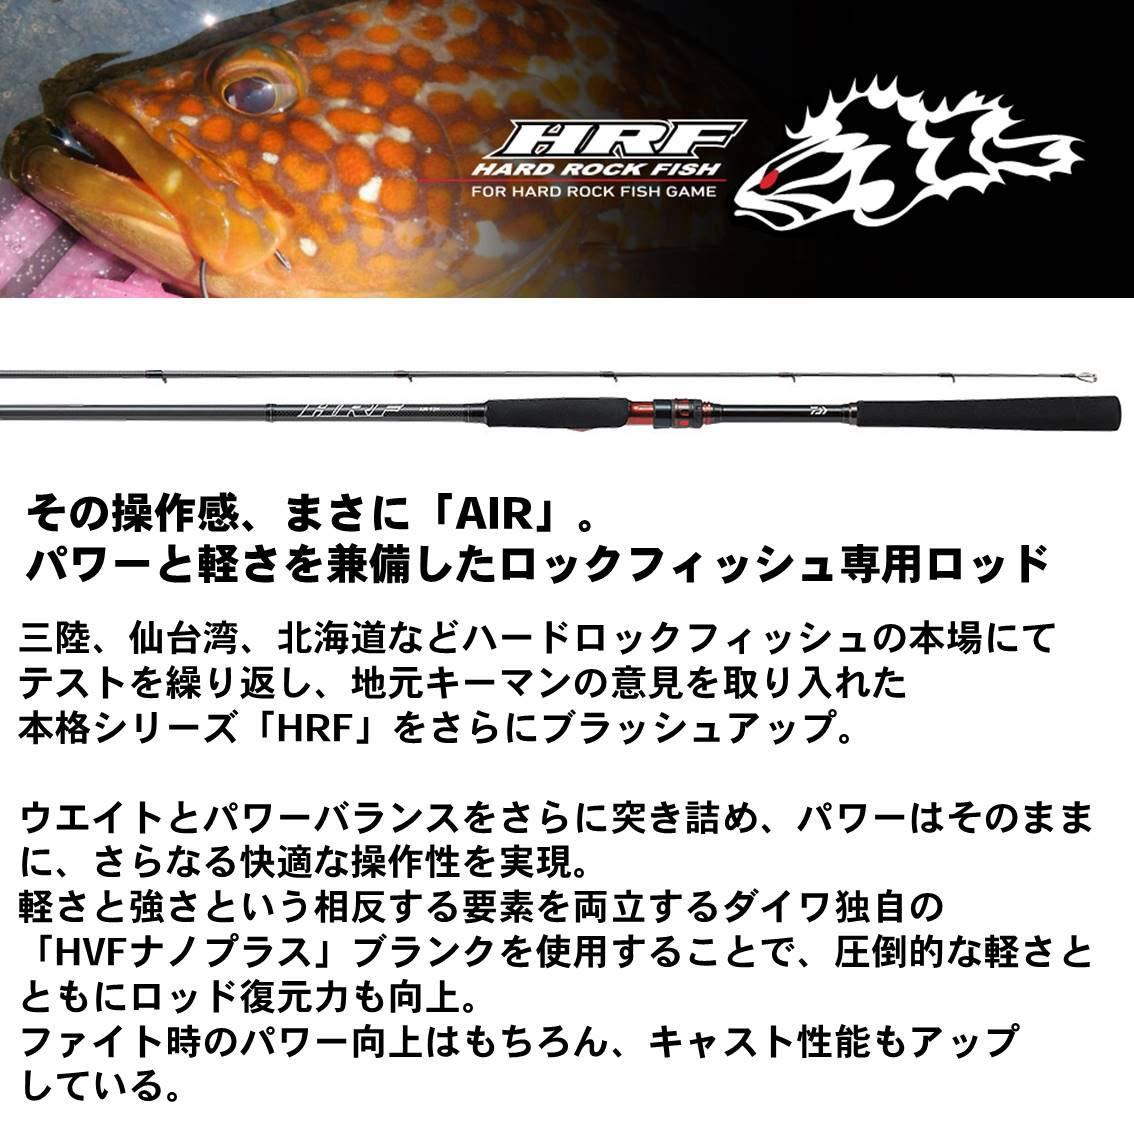 ベイト (Daiwa) 釣り竿 HRF AIR 90H/ ロックフィッシュロッド ダイワ XHB